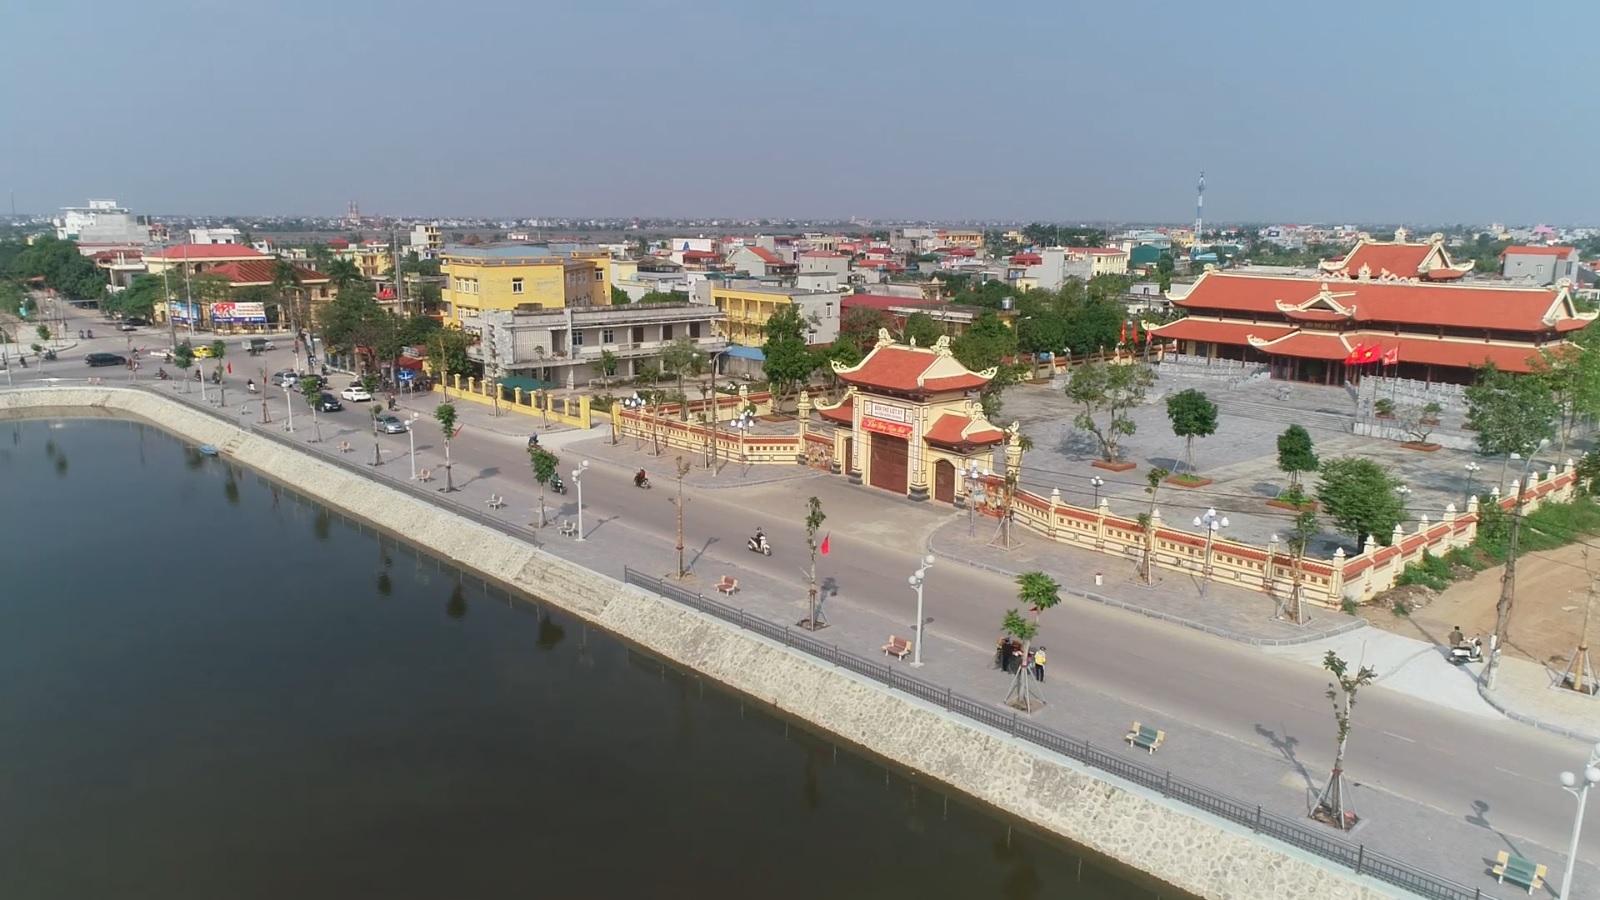 Ảnh 1. Khu vực Trung tâm huyện được cải tạo nâng cấp năm 2018